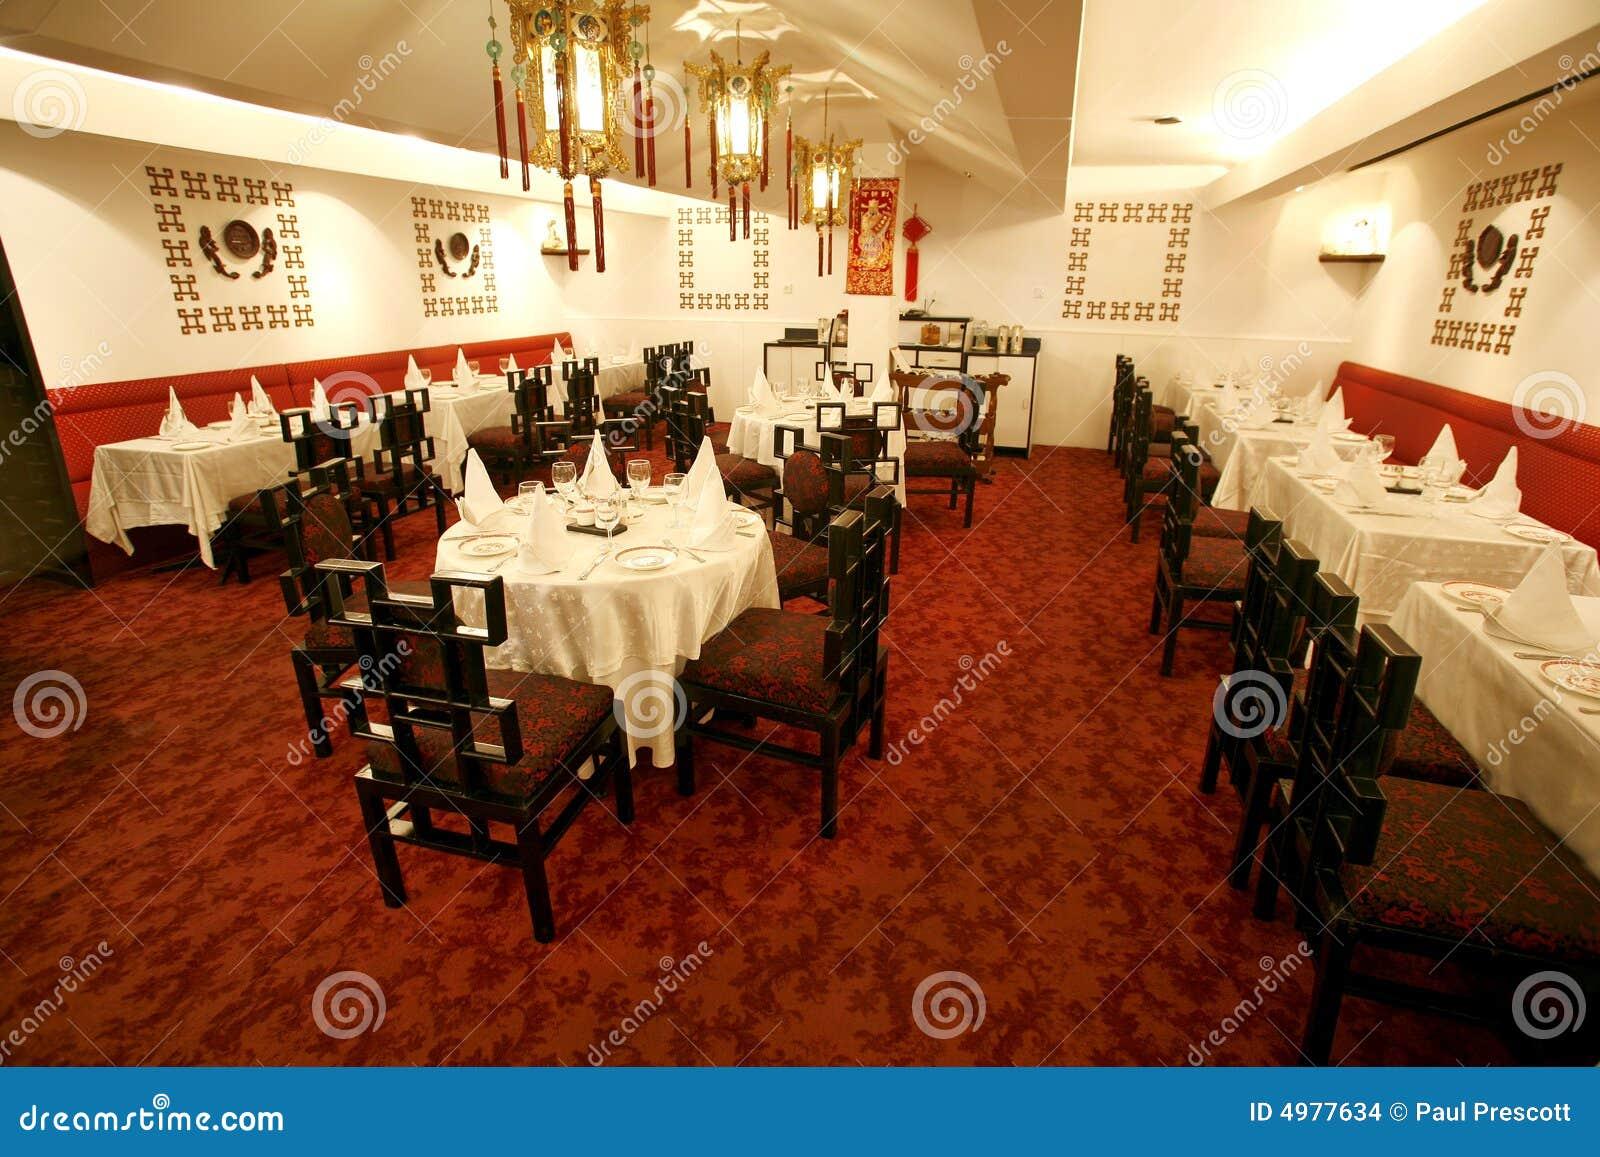 Sala da pranzo cinese del ristorante immagini stock for Sala pranzo vecchia